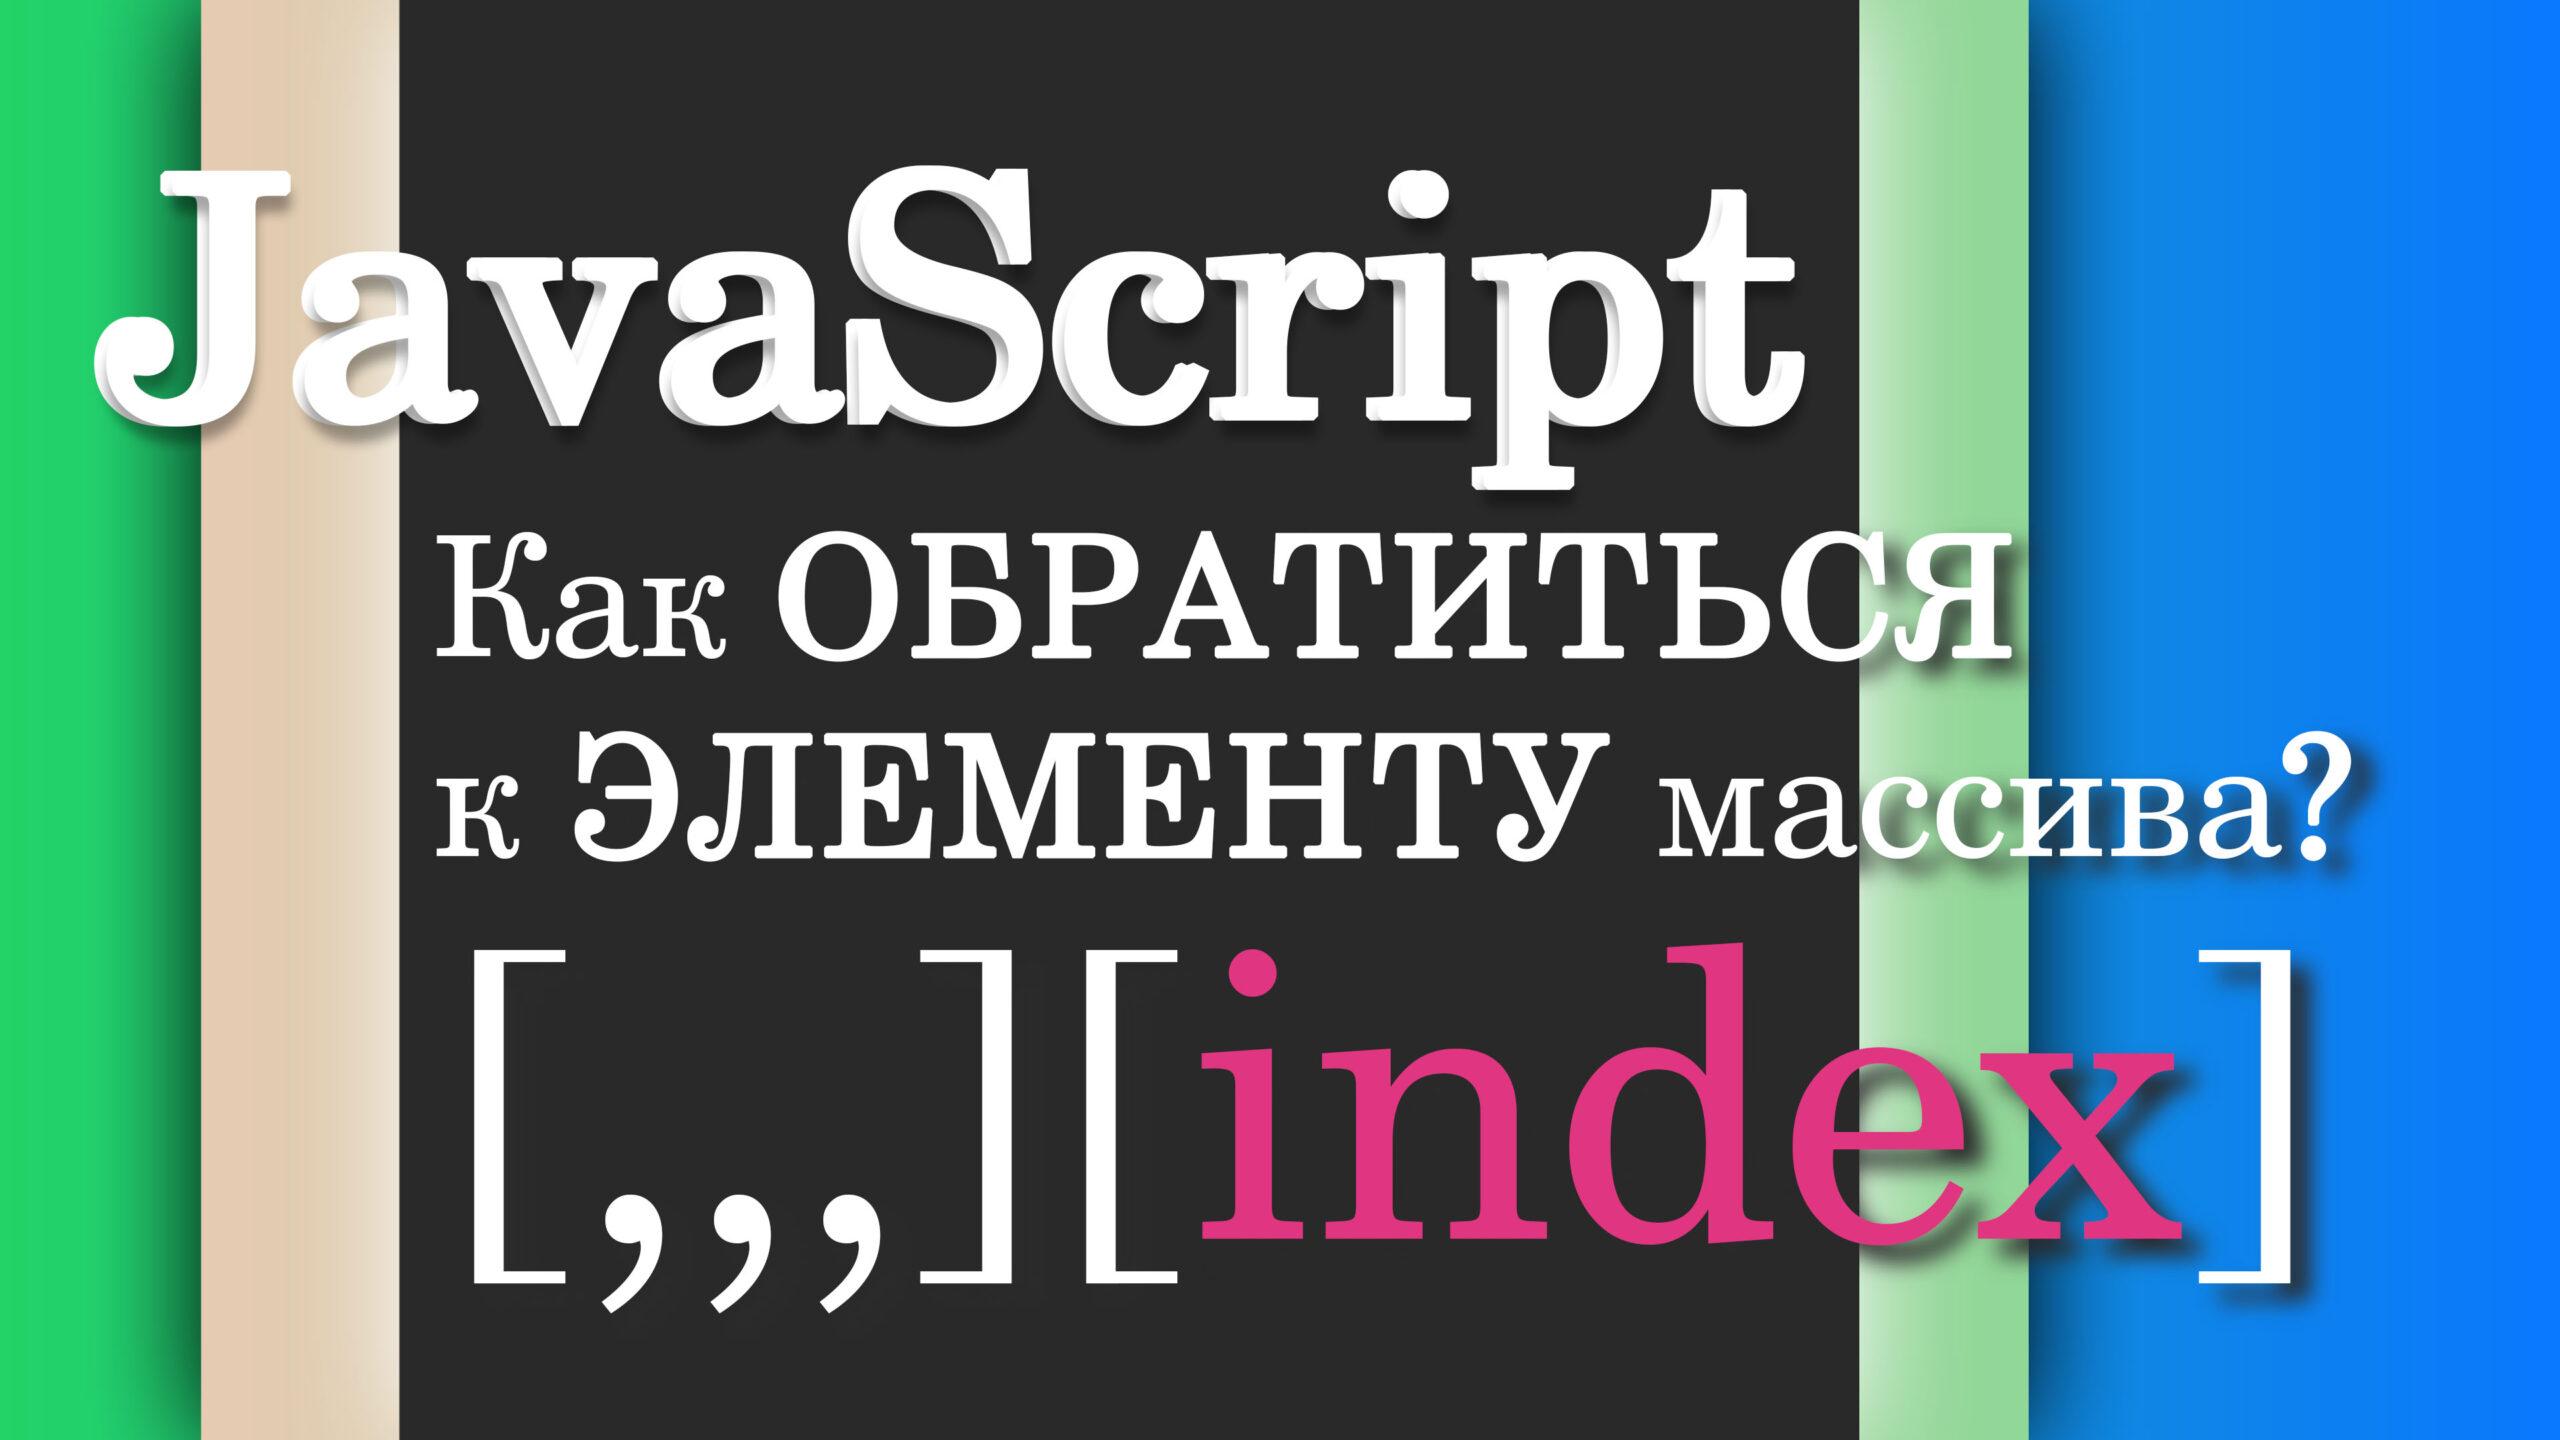 Как обратиться к элементу массива - JavaScript